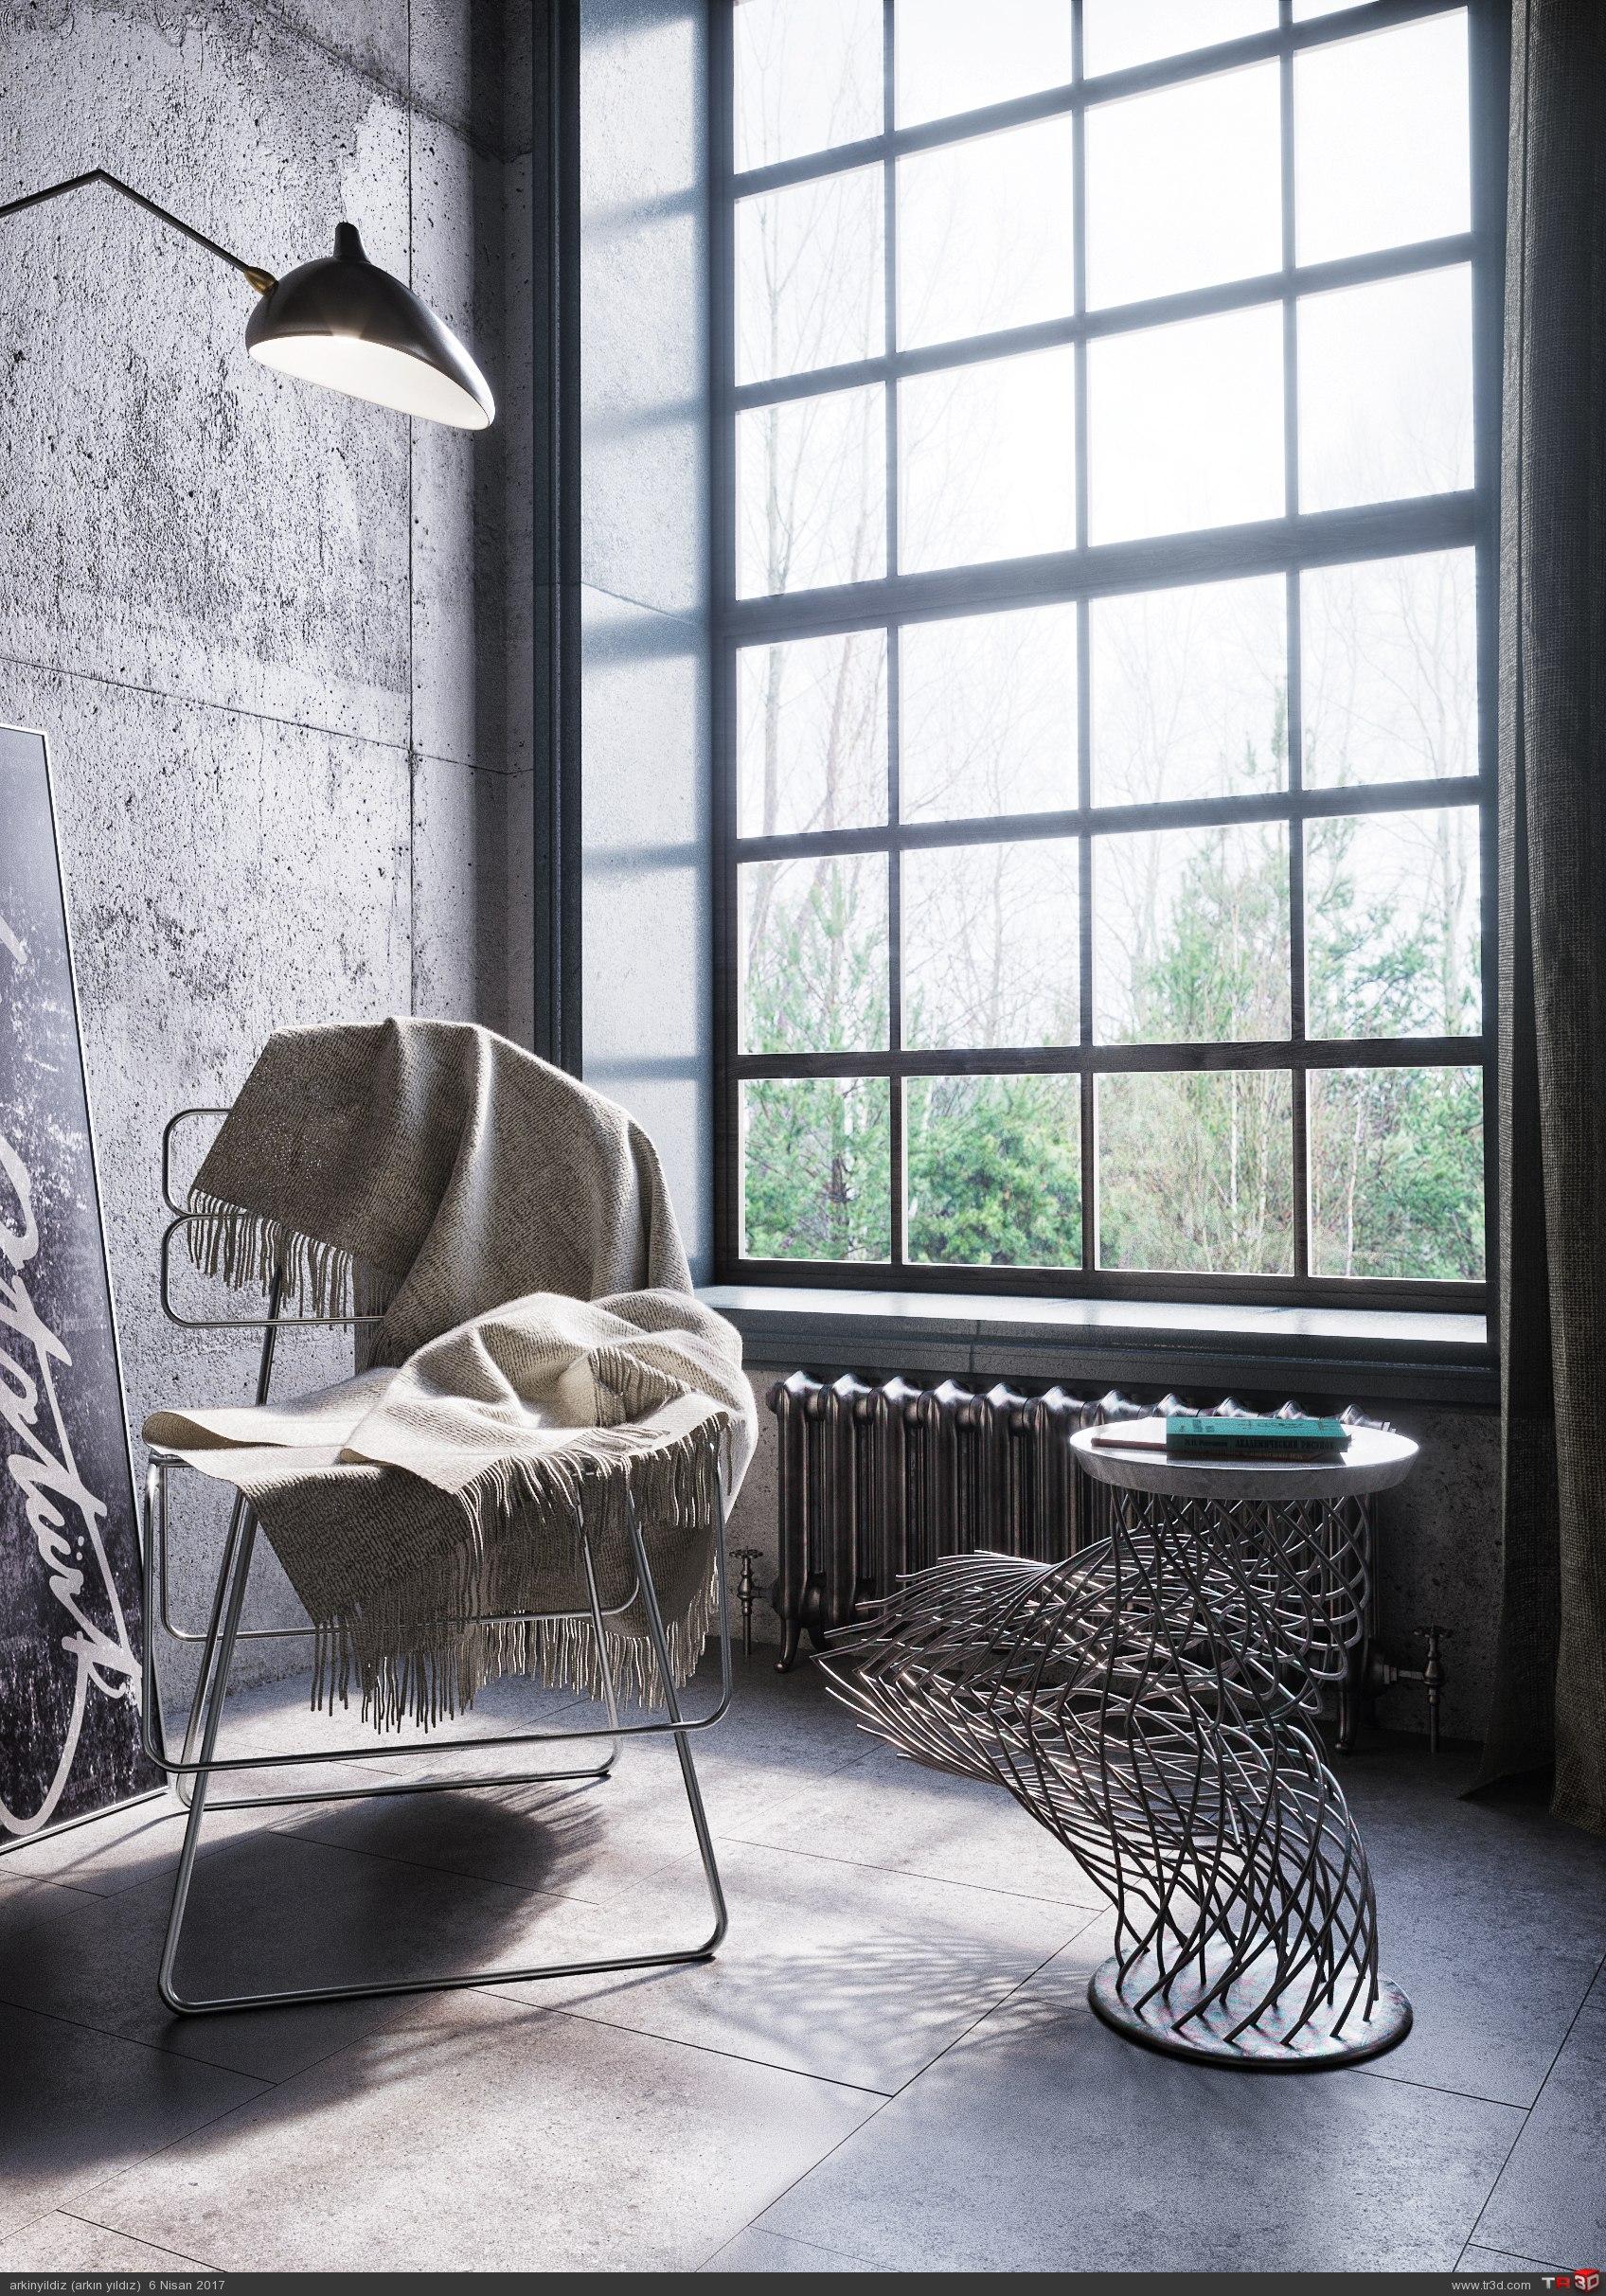 İnterior Design - Concrete & Metal